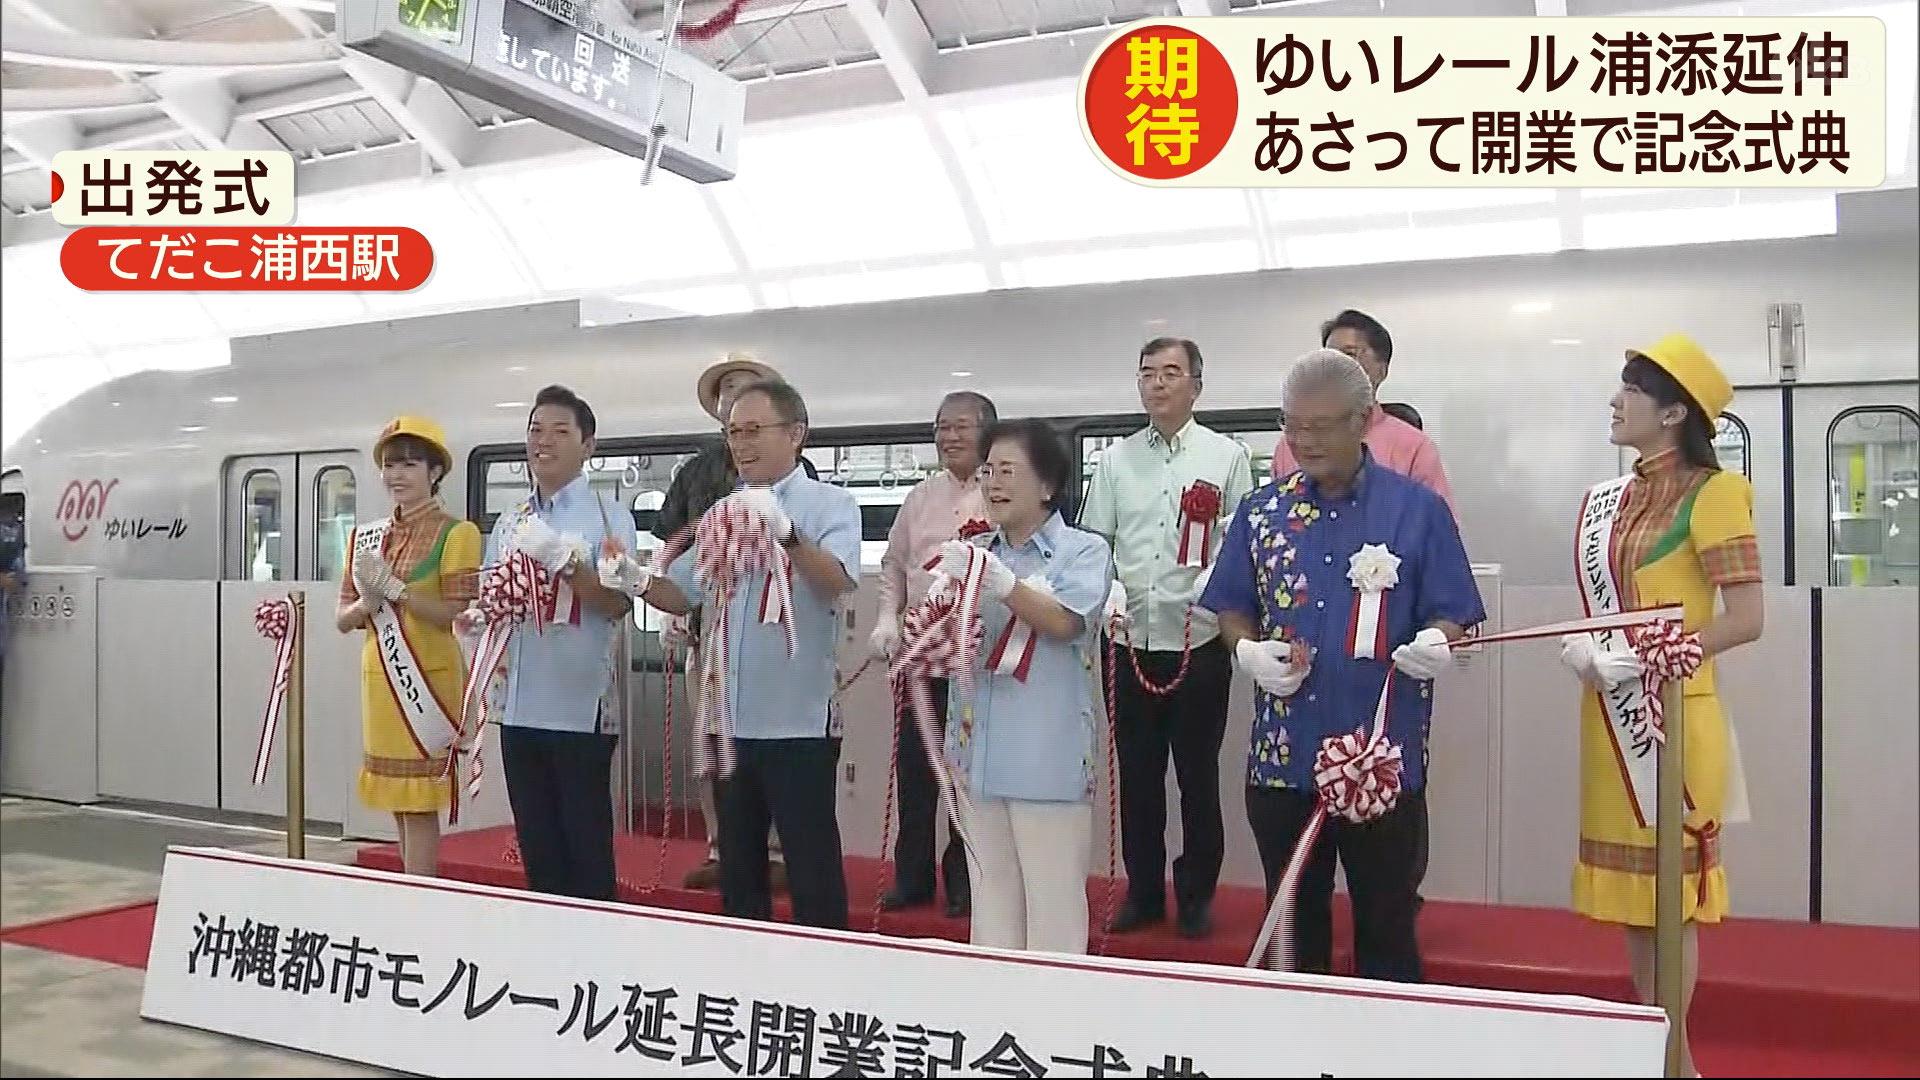 ゆいレール延長開業式典